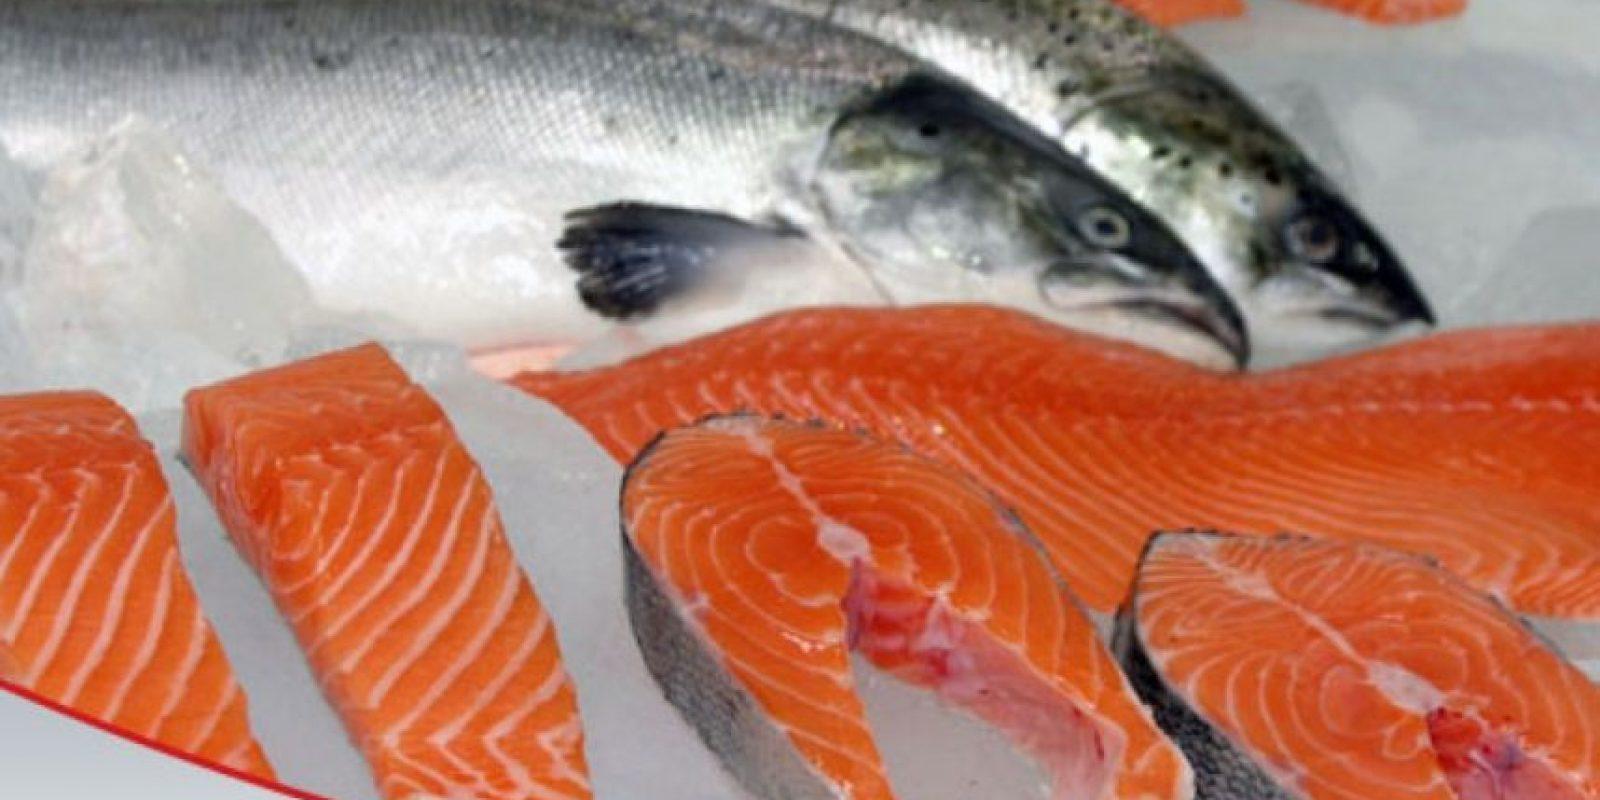 LO QUE SE DICE: El salmón por su alto contenido de ácidos grasos omega 3 es un alimento ideal para bajar el colesterol y bajar de peso. Foto:Wikimedia